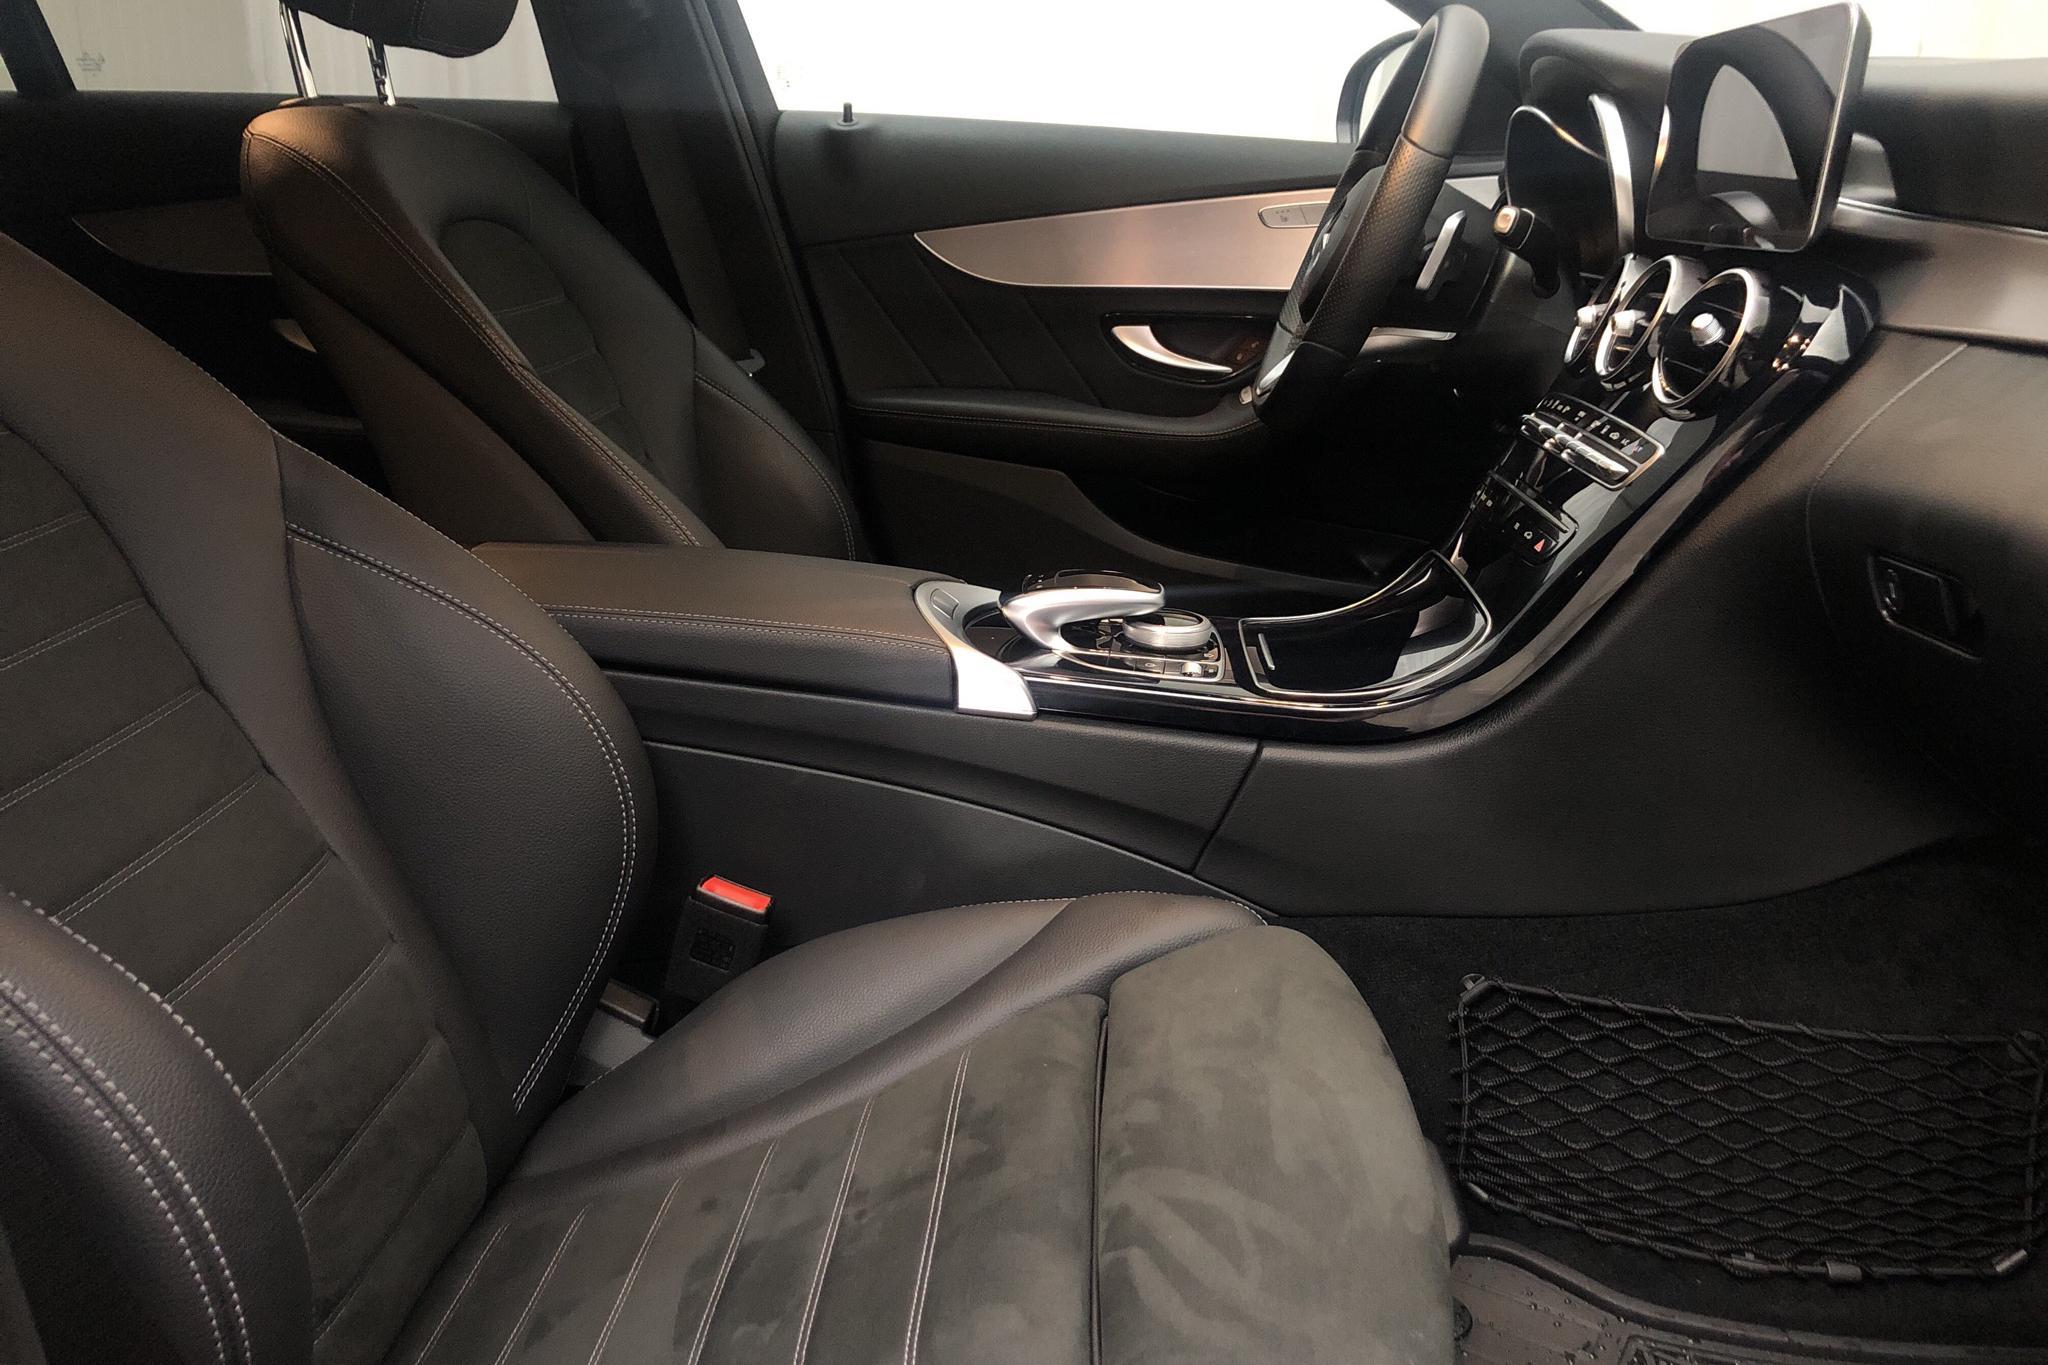 Mercedes C 300 e Kombi S205 (320hk) - 26 490 km - Automatic - black - 2021